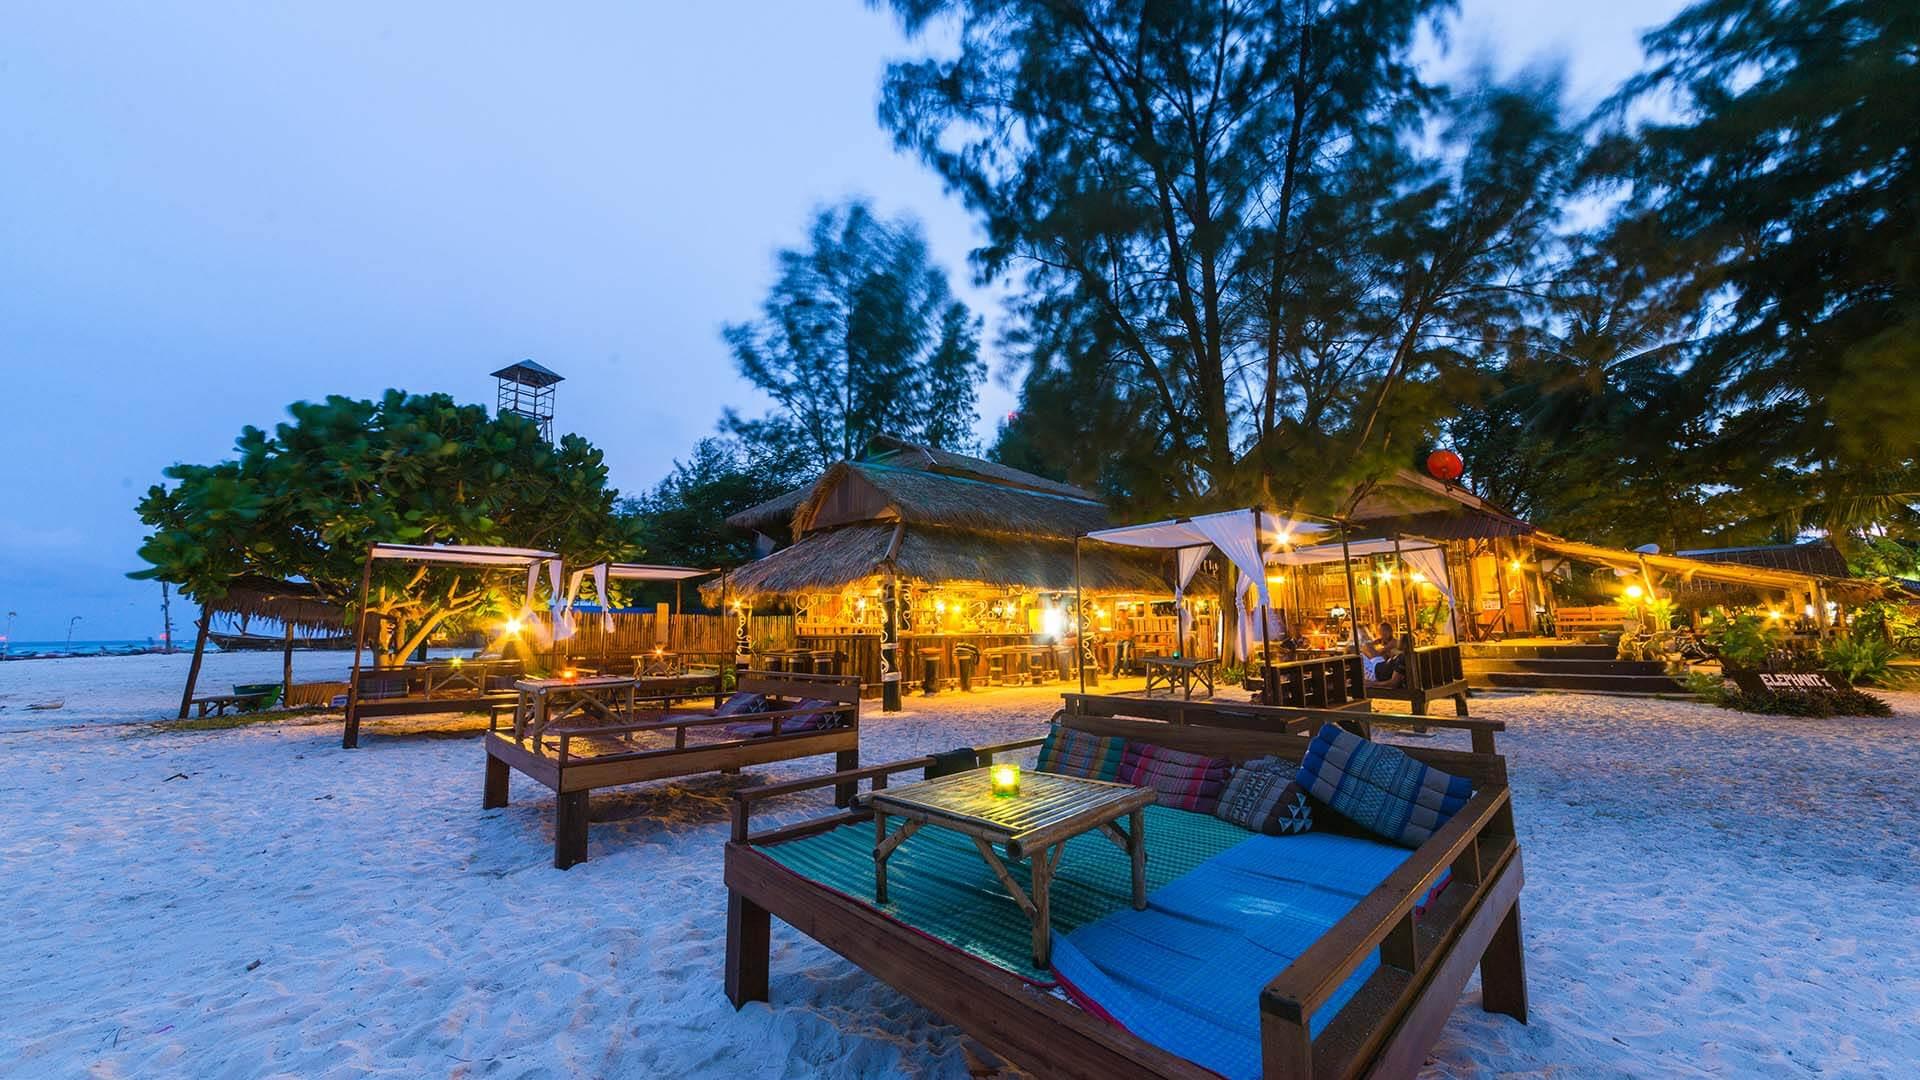 Tour koh lipe fant asia travel for L hotel della cabina islanda